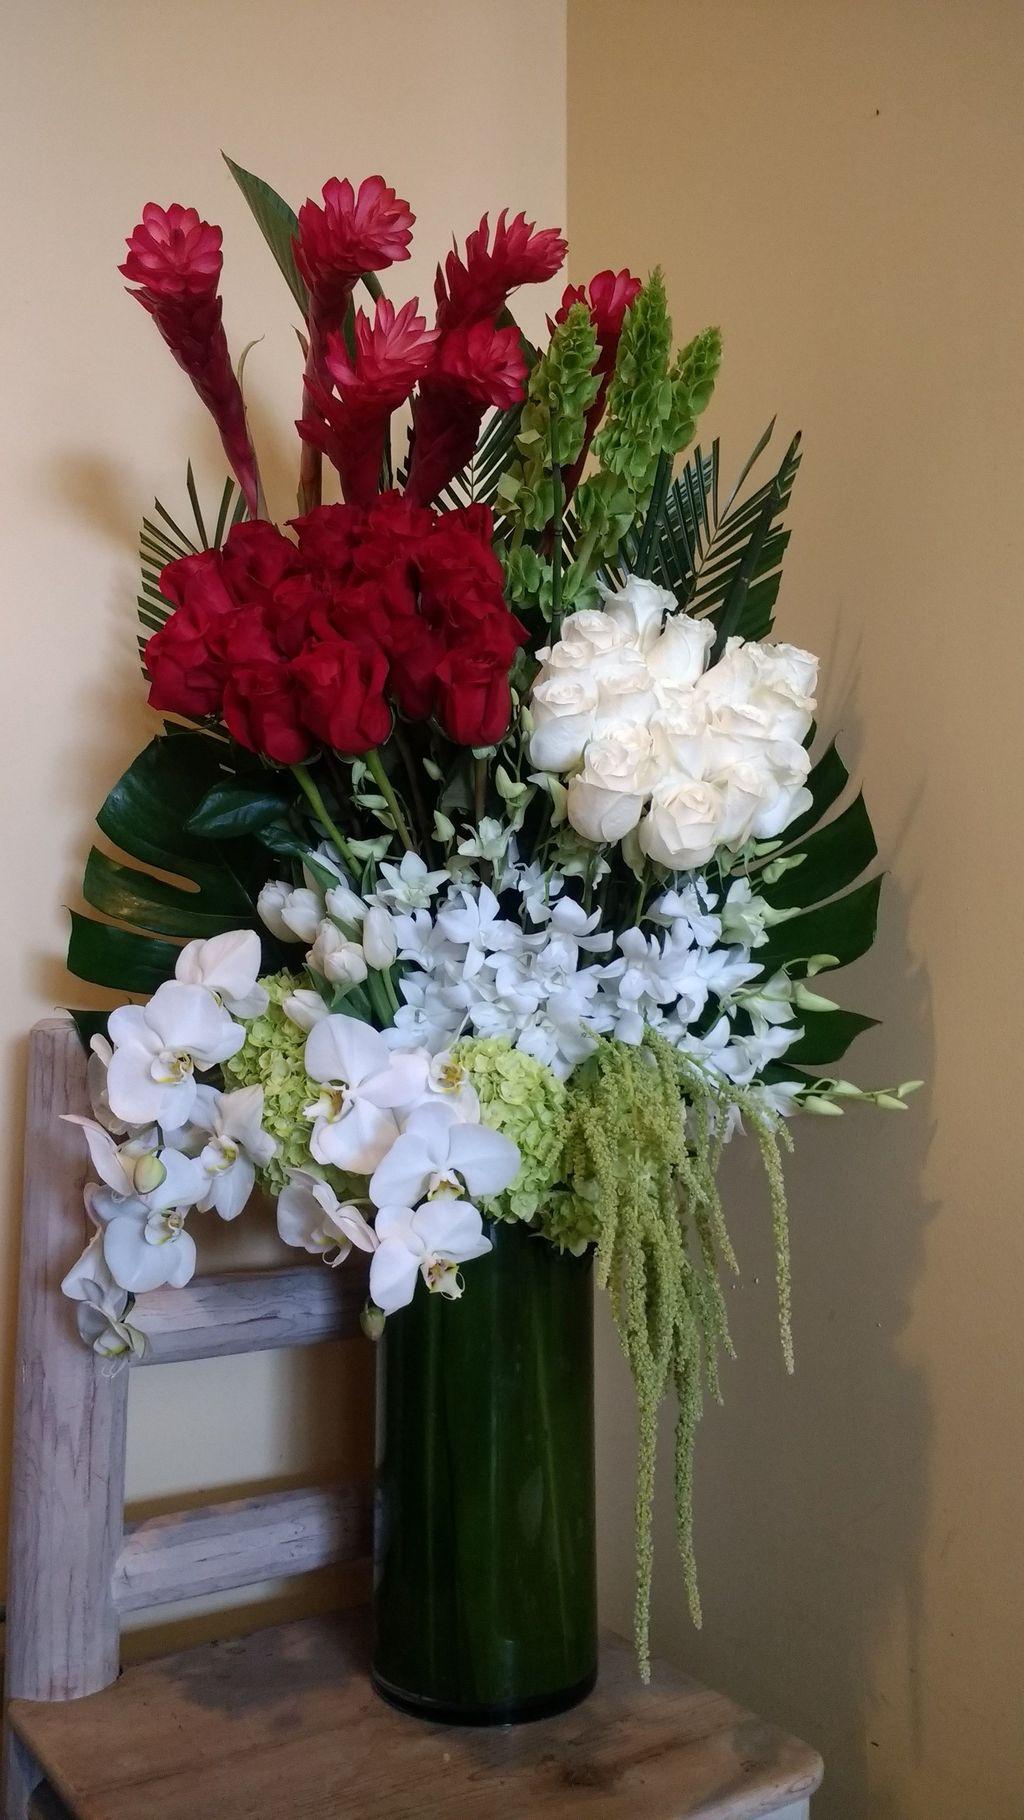 Amazing Unique Flower Arrangements Ideas For Your Home Decor 15